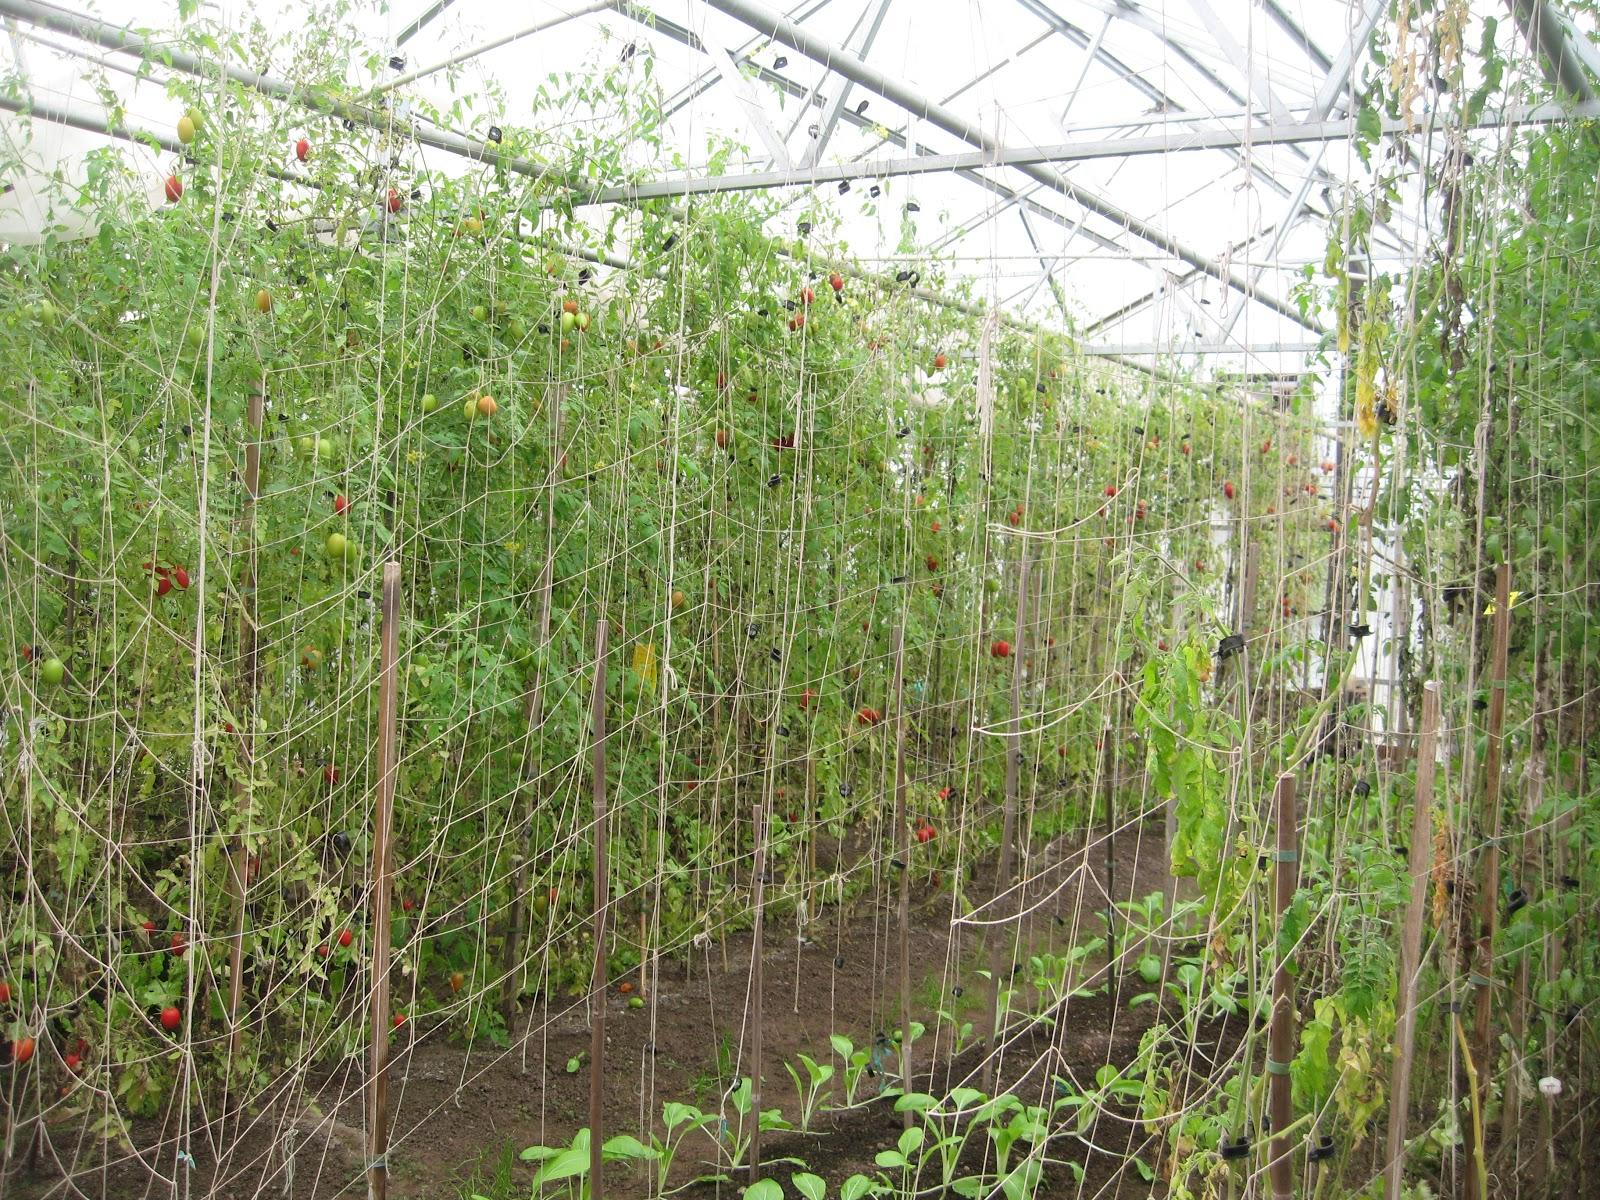 http://2.bp.blogspot.com/-Amof20bUYyU/ULMHLbPOUuI/AAAAAAAAEKk/nHtGkfdyUXE/s1600/garlands+12+043.JPG